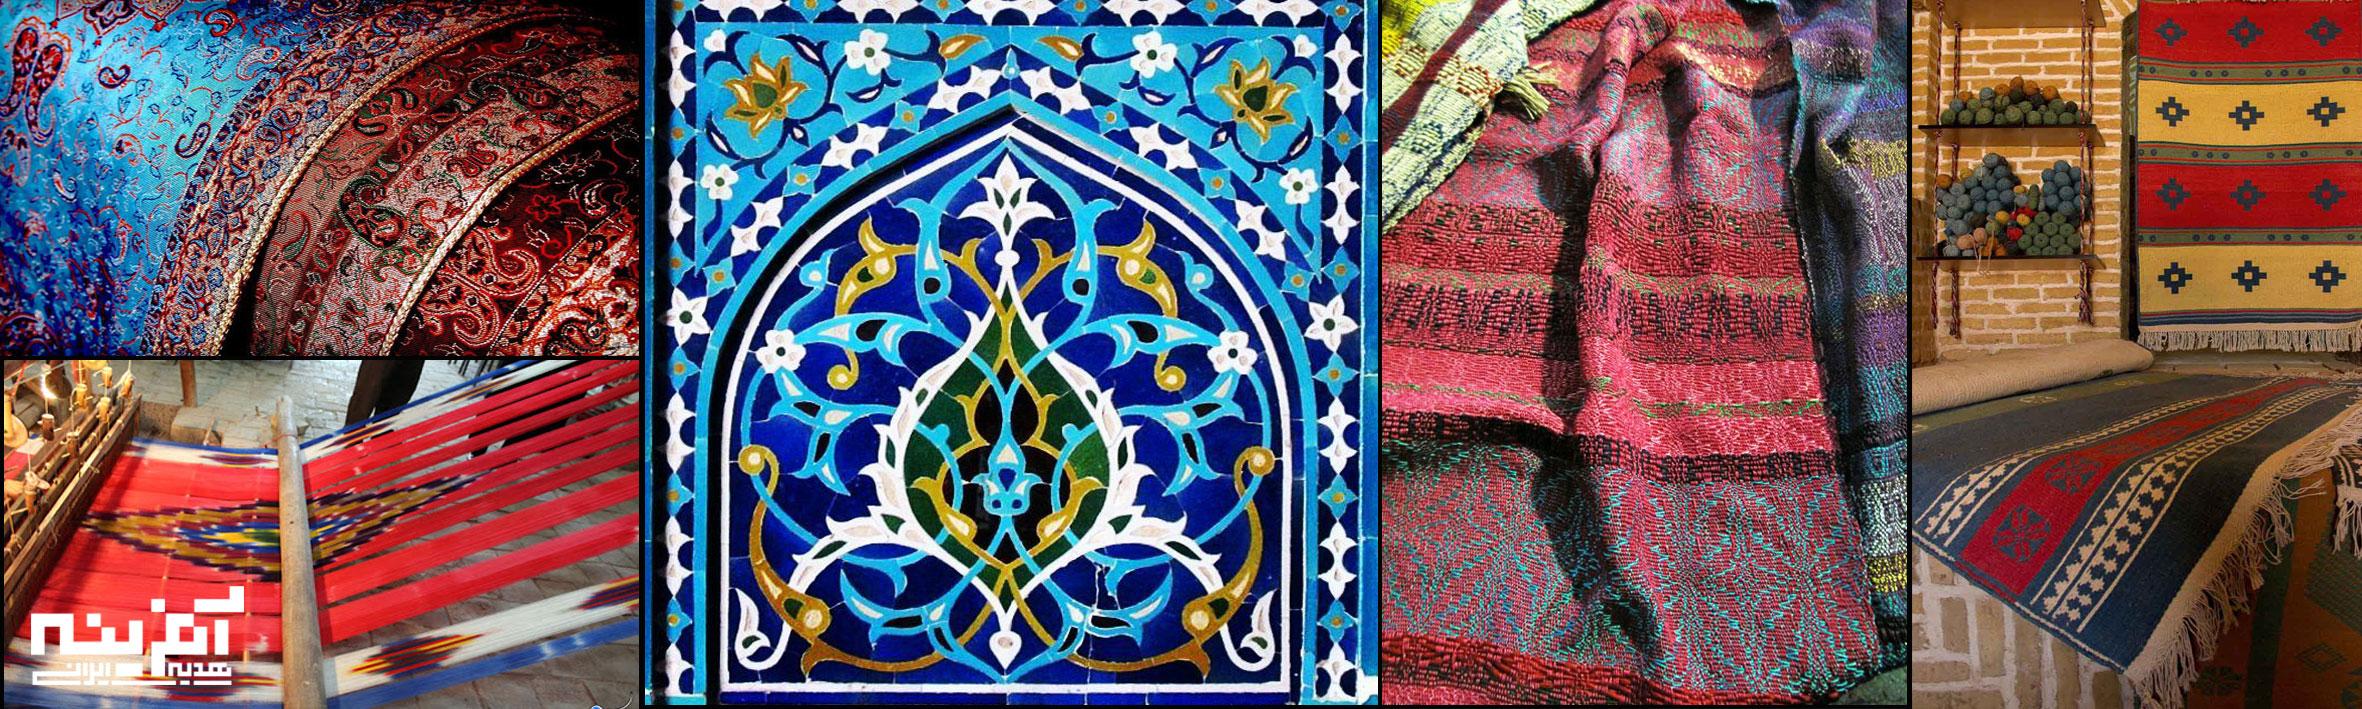 تاریخچه صنایع دستی